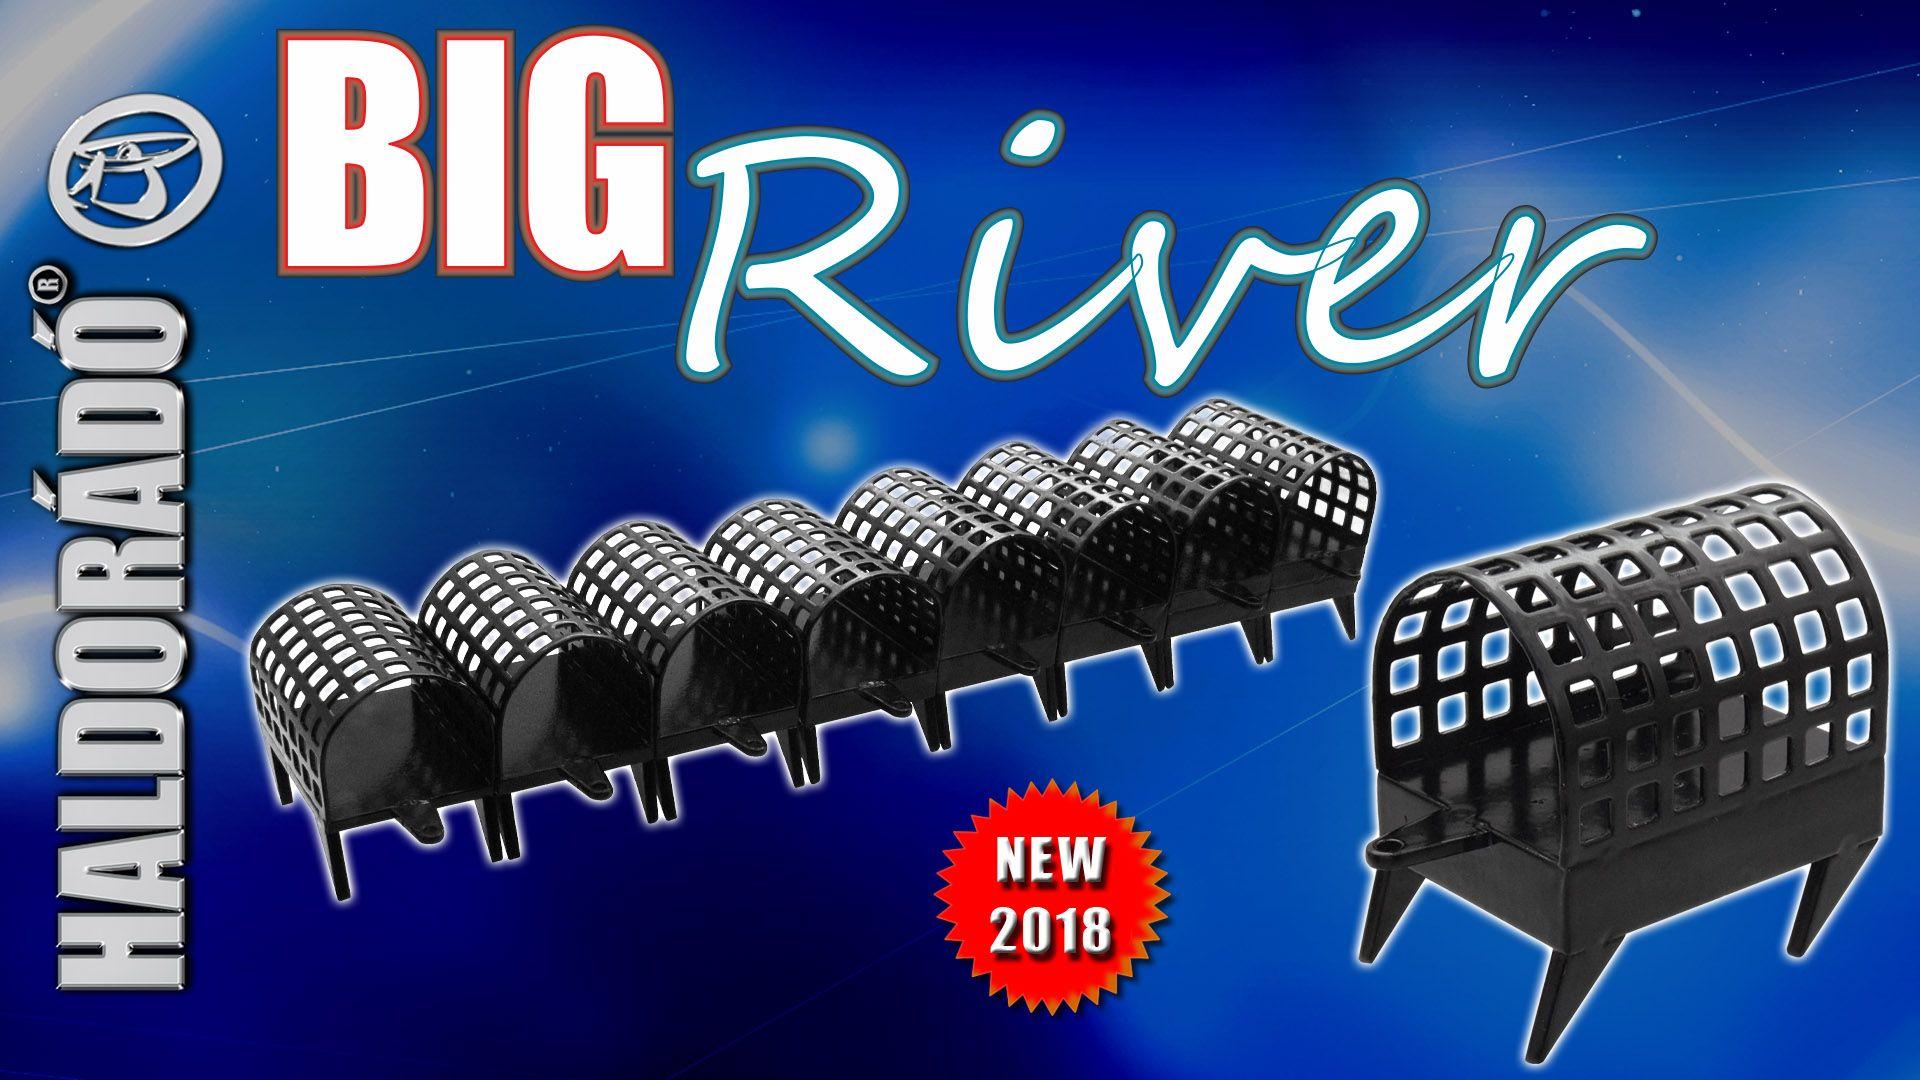 A Big River Feeder kosár az igazán gyors folyású helyek meghorgászására lett kifejlesztve